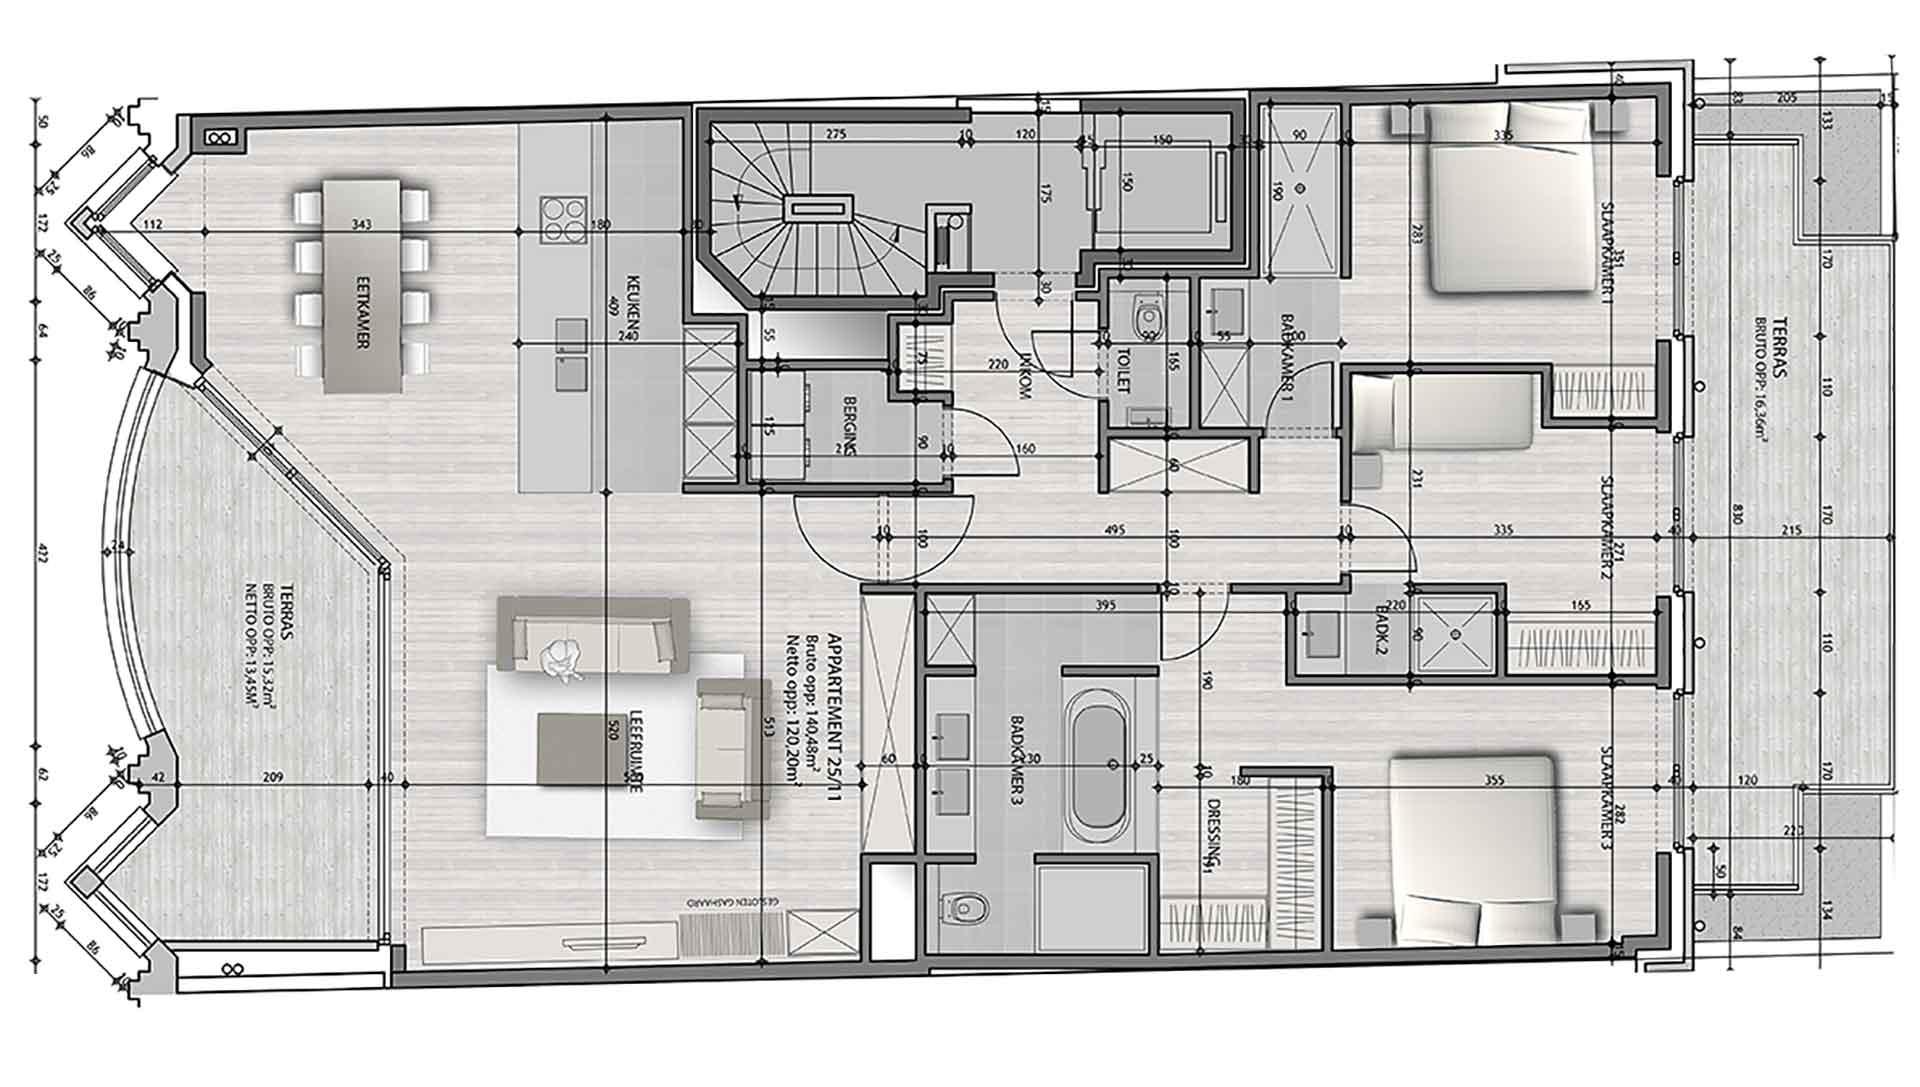 Residentie <br/> Berlage - image appartement-te-koop-knokke-residentie-berlage-11 on https://hoprom.be